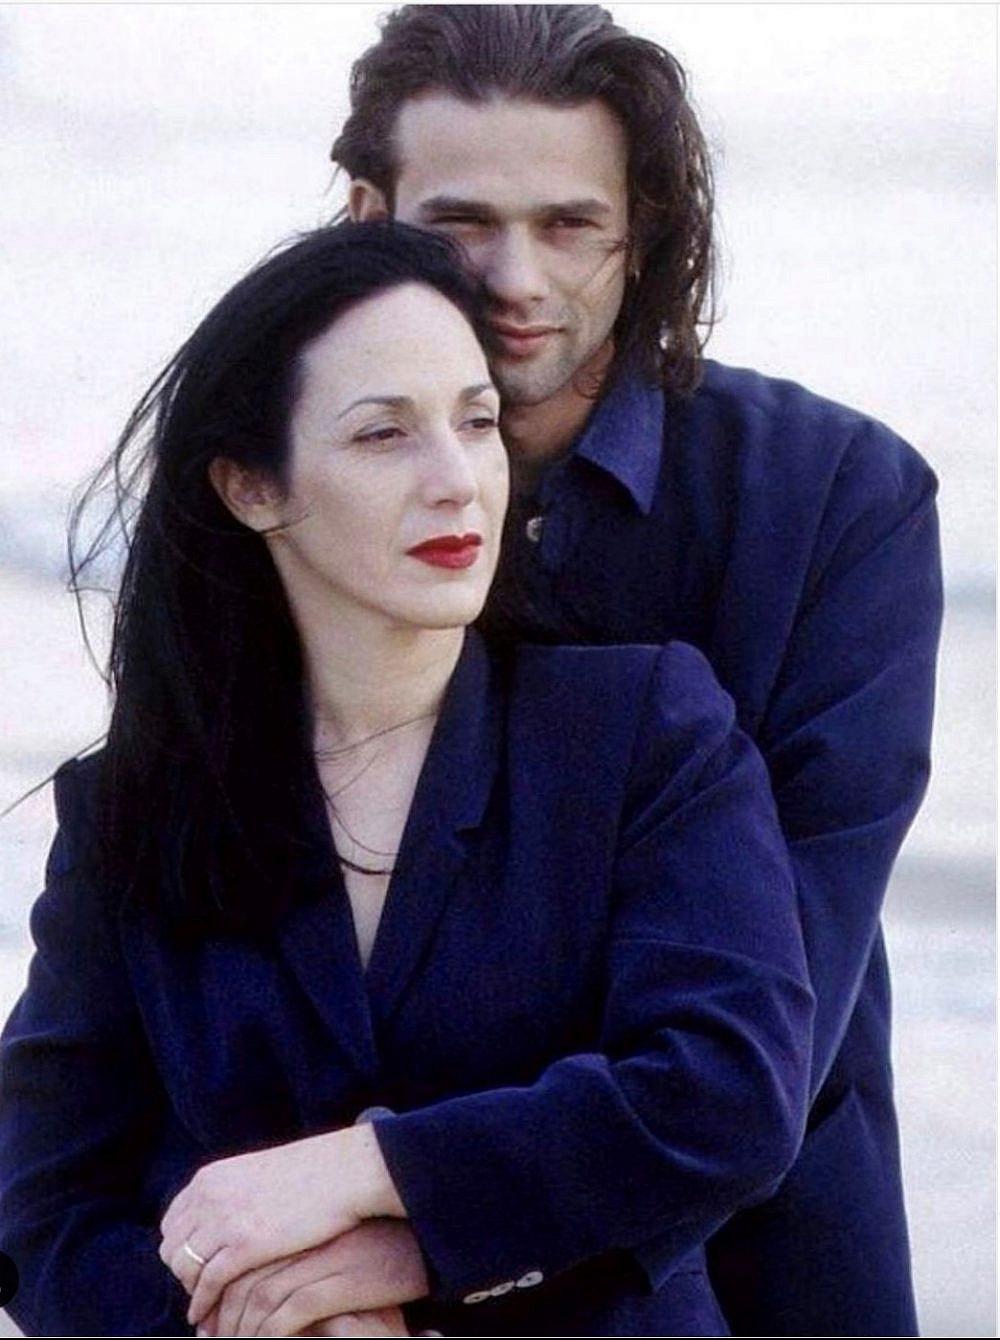 דורין פרנקפורט וליאור מילר בקמפיין 1998   צילום מירי דווידוביץ'